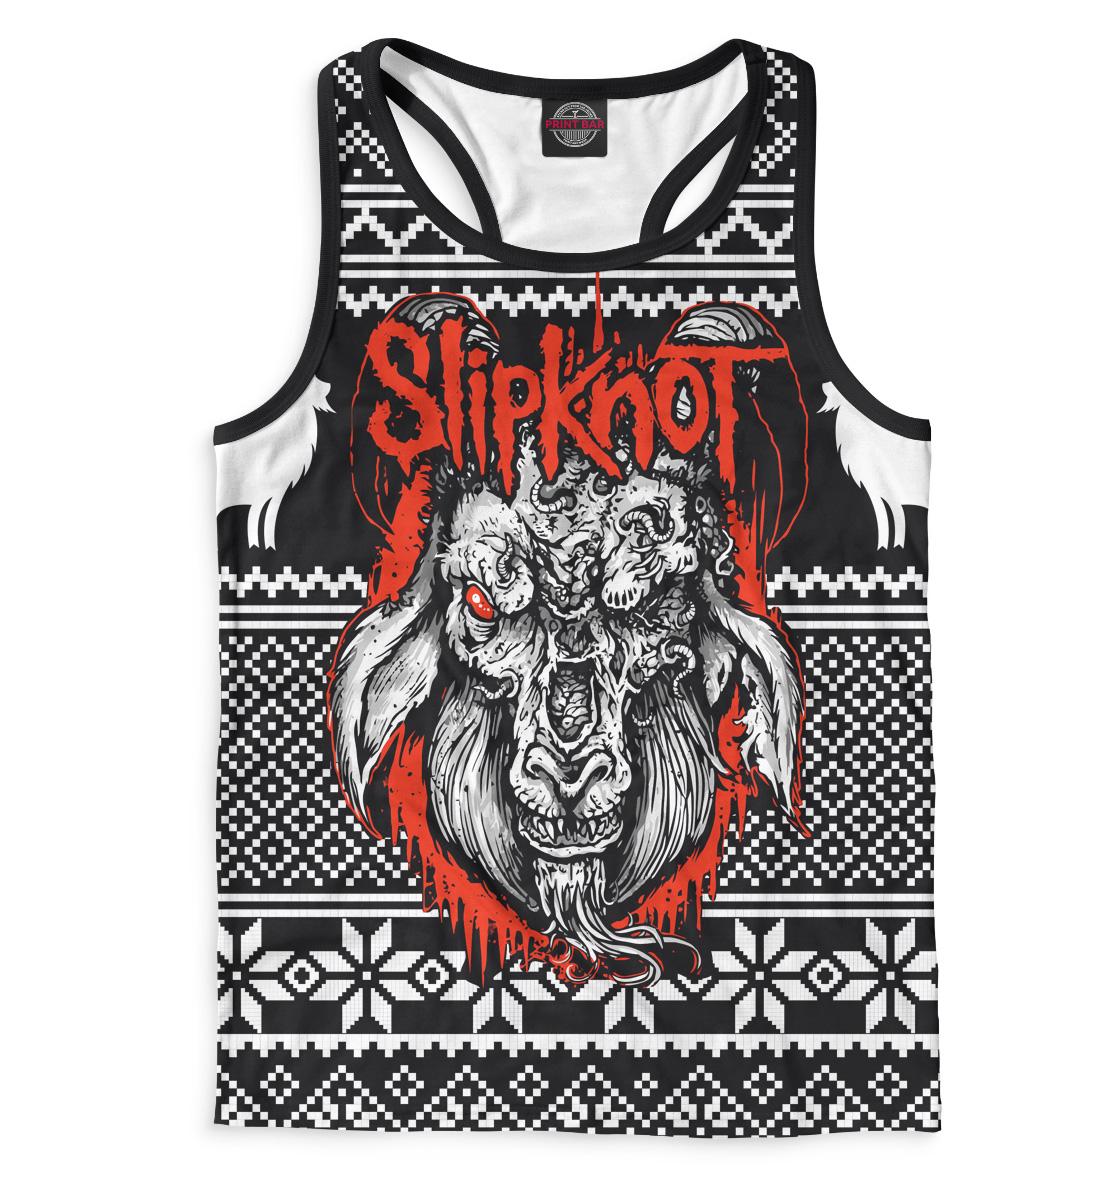 Купить Slipknot, Printbar, Майки борцовки, SLI-546767-mayb-2